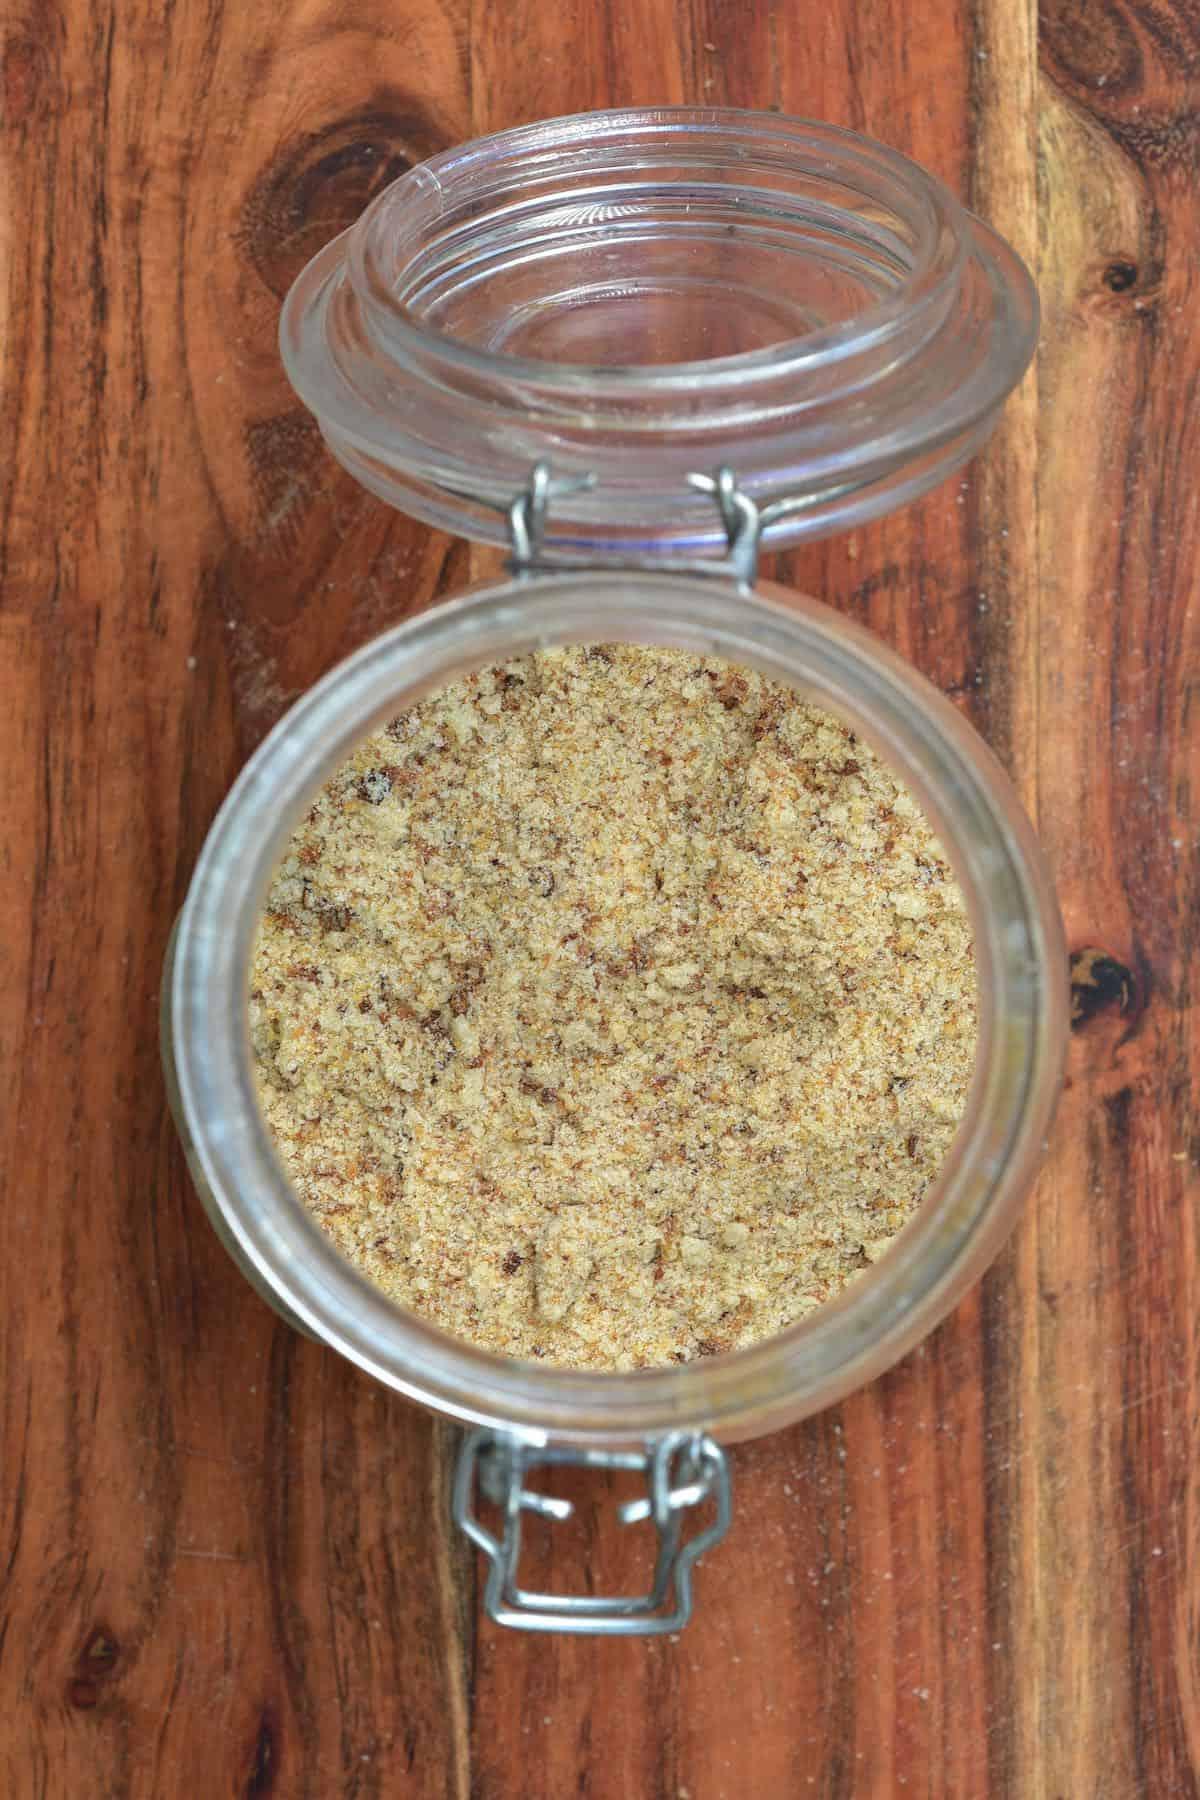 Fine breadcrumbs in a jar